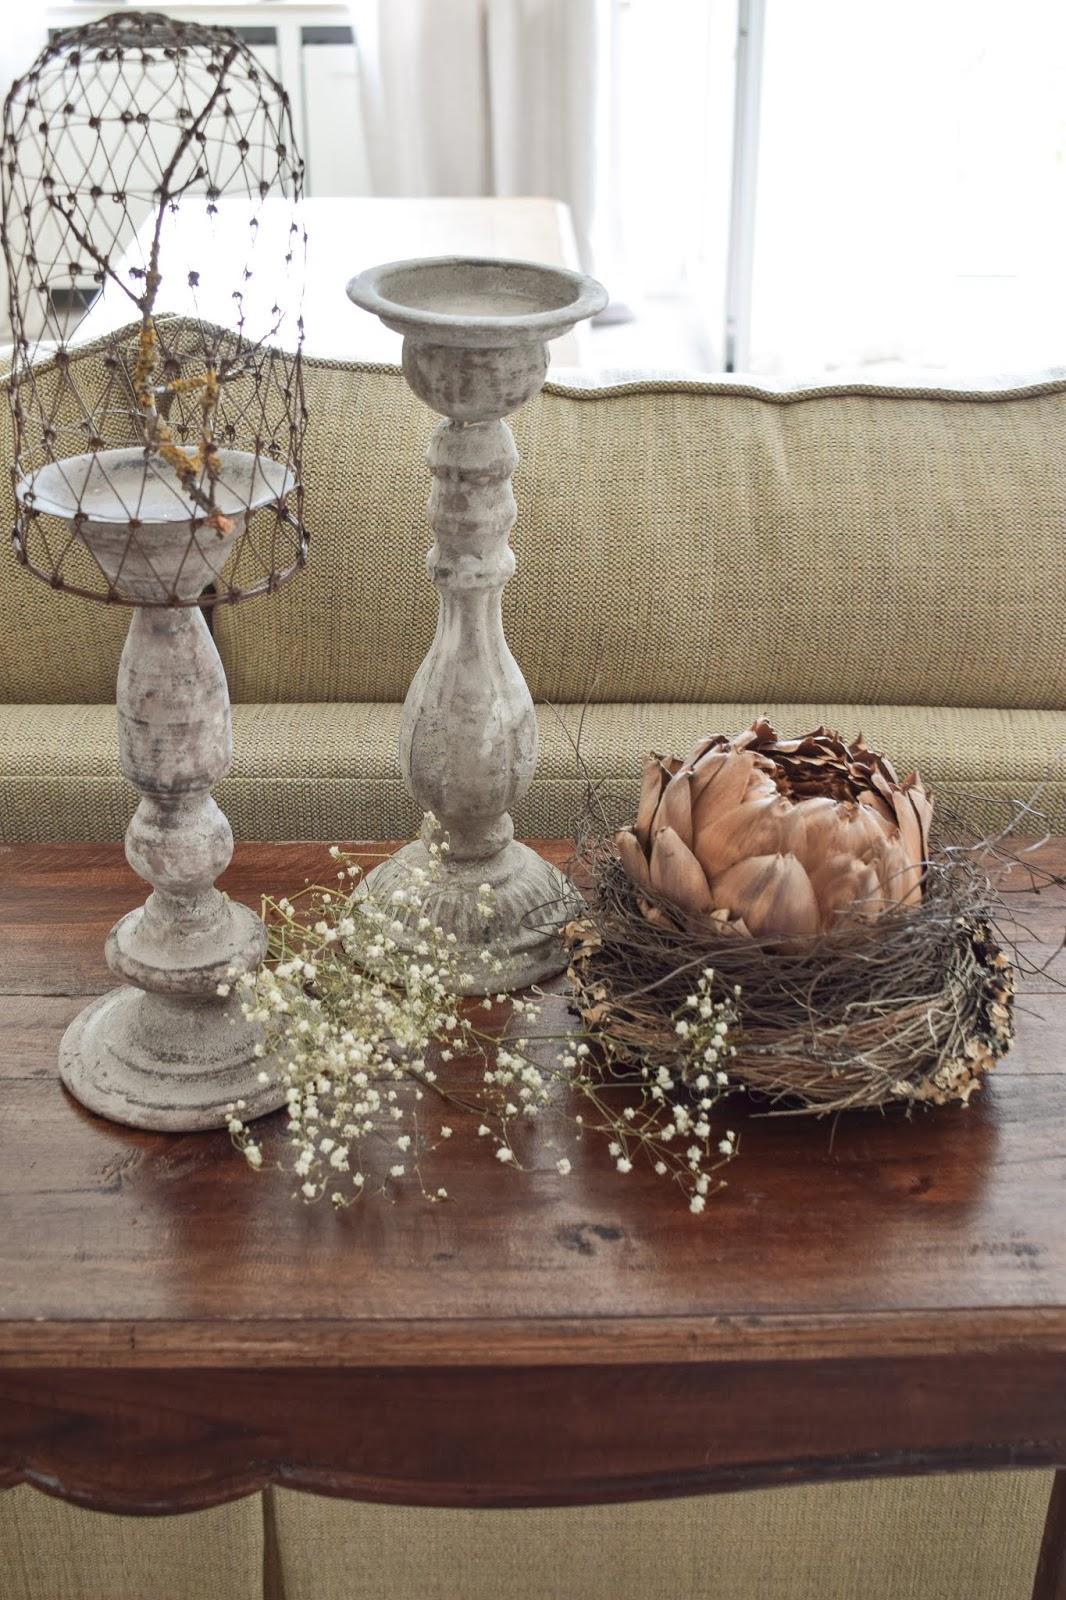 3 Dekoideen für deinen Konsolentisch und Sideboard. Natürlich dekorieren im Wohnzimmer Flur Esszimmer. Dekoidee Konsole Naturdeko  getrocknete Artischocke Kerzenhalter